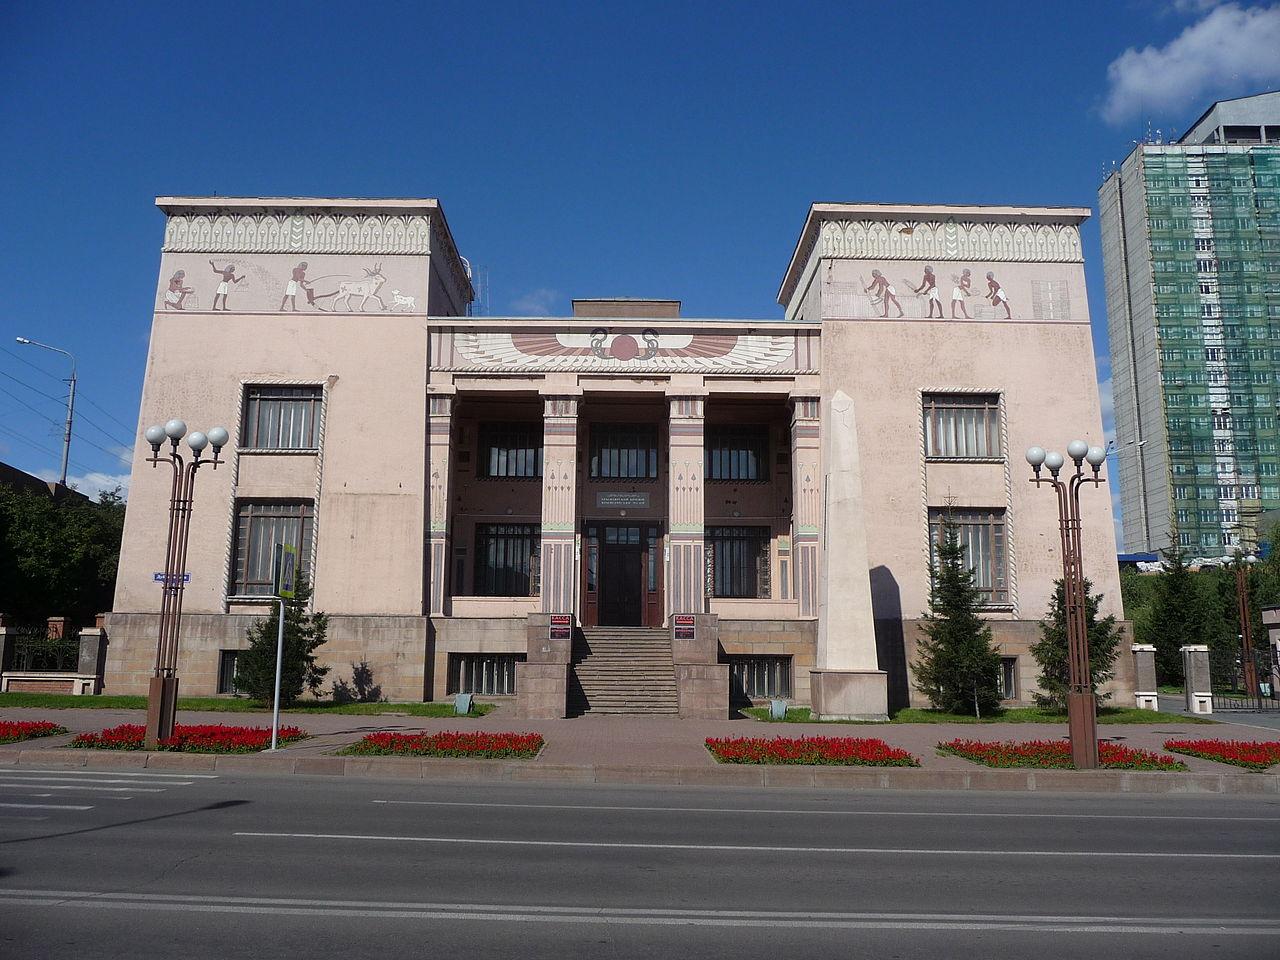 Красноярский краеведческий музей, фасад